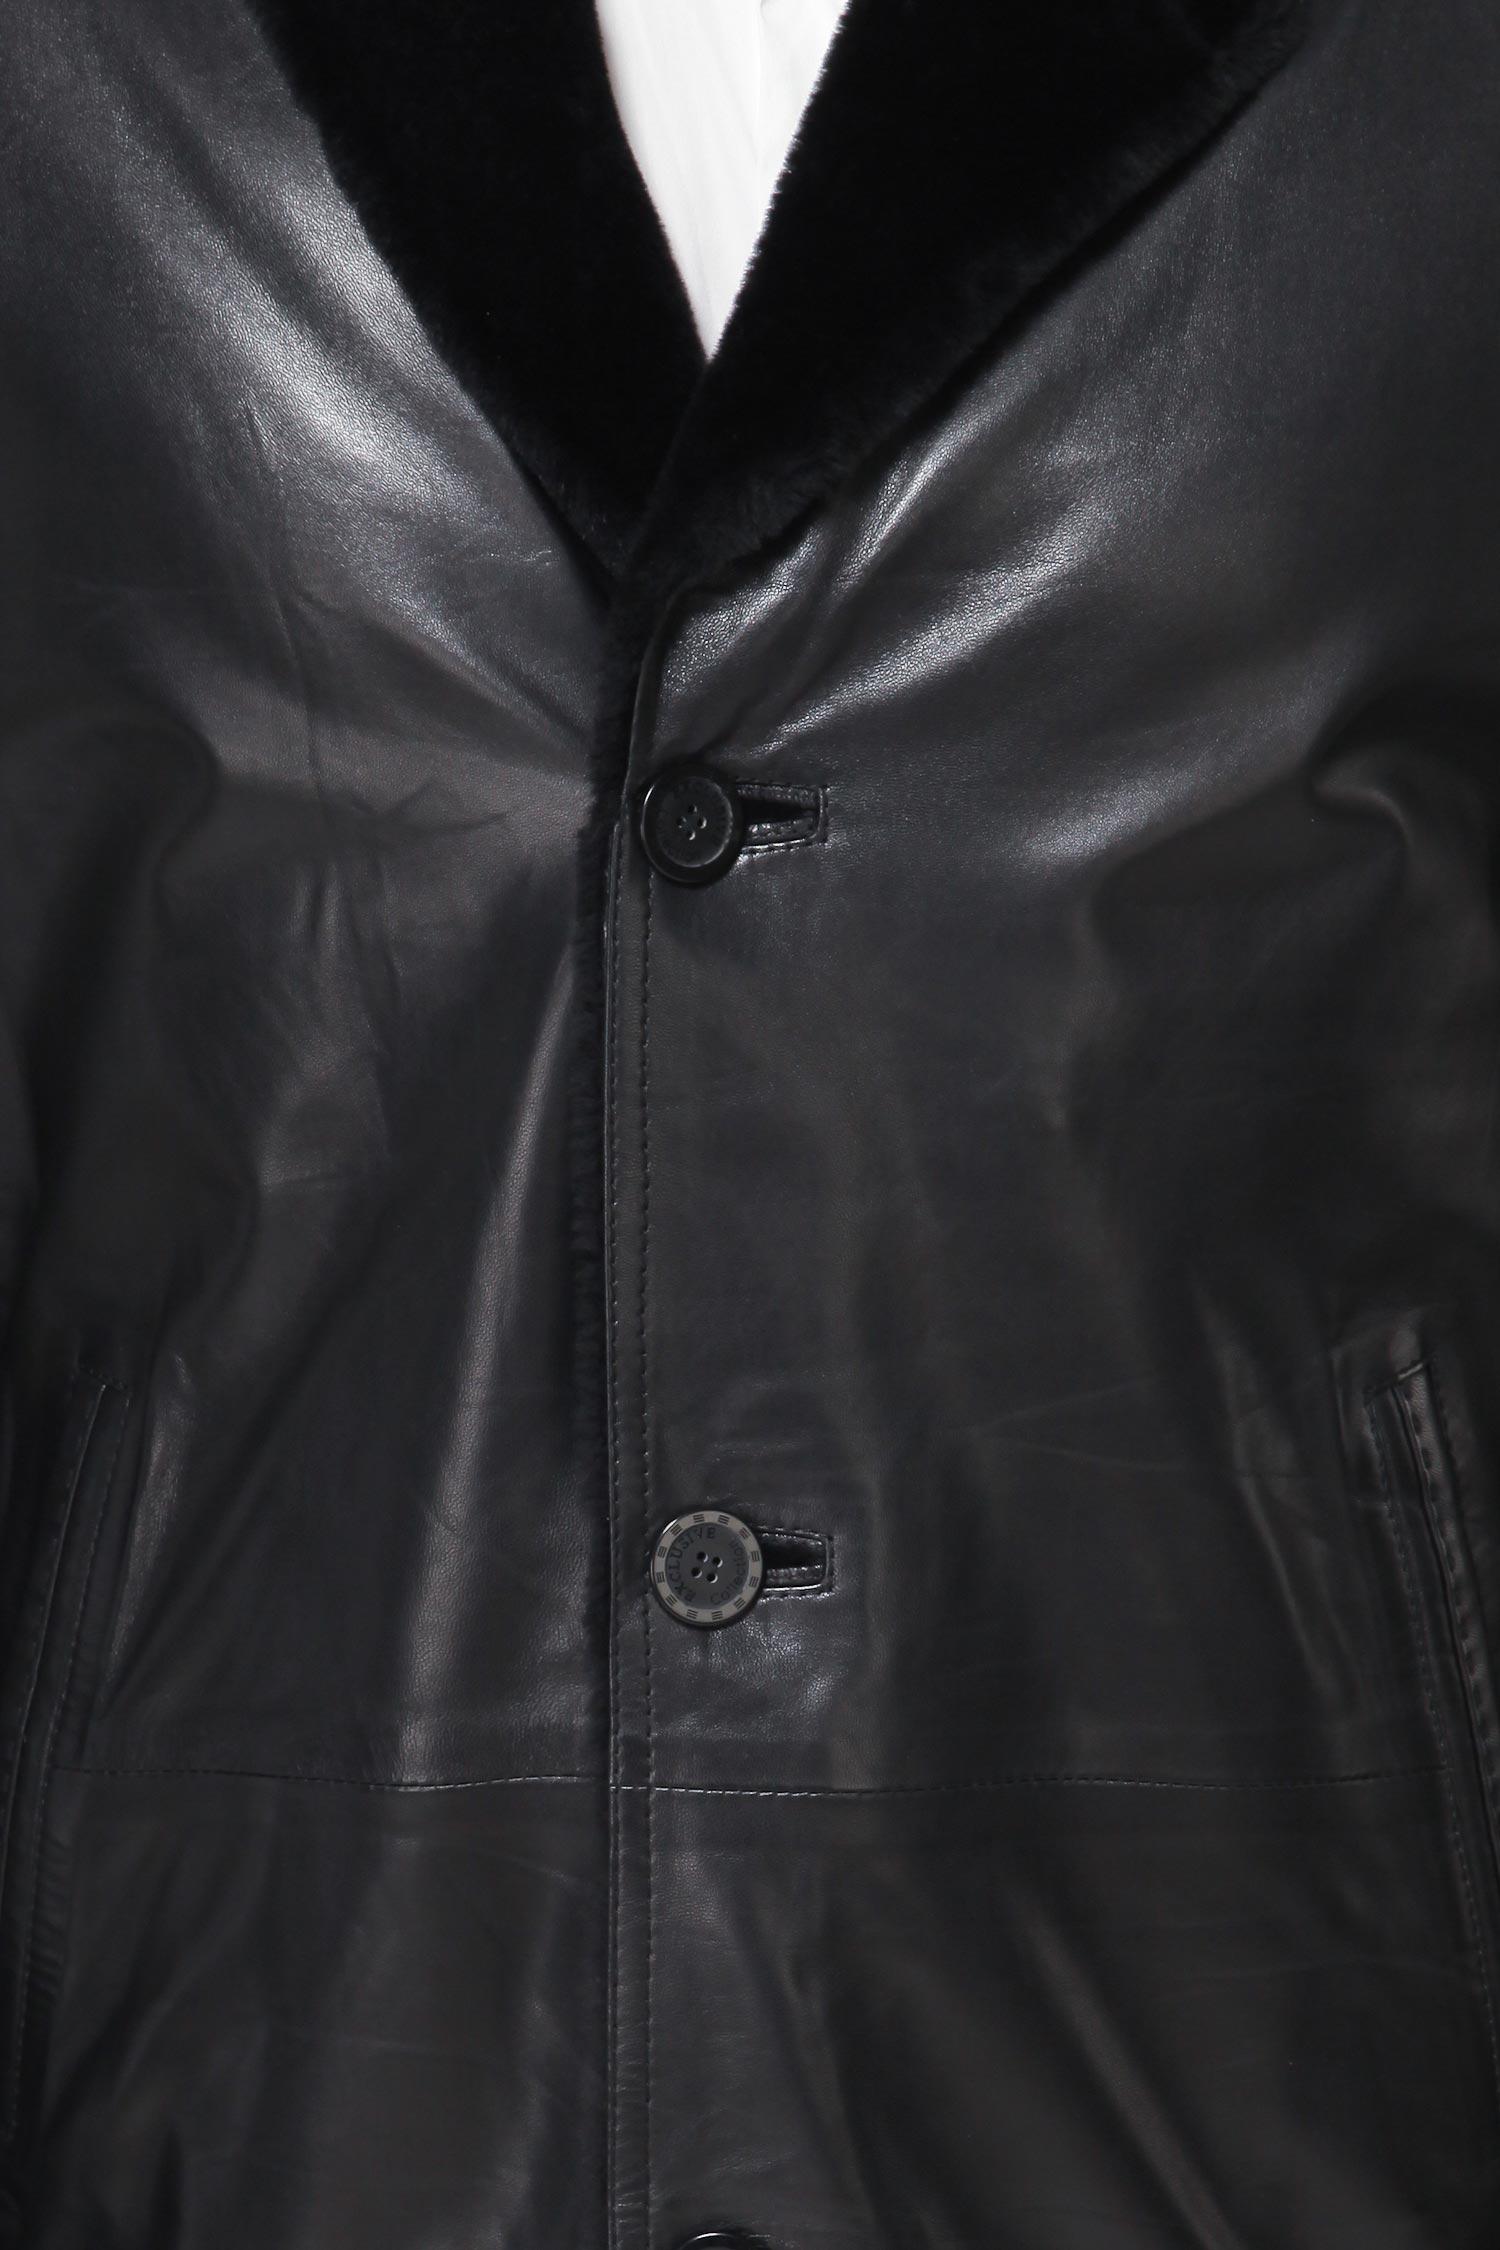 Дубленка мужская из натуральной кожи с воротником, без отделки от Московская Меховая Компания